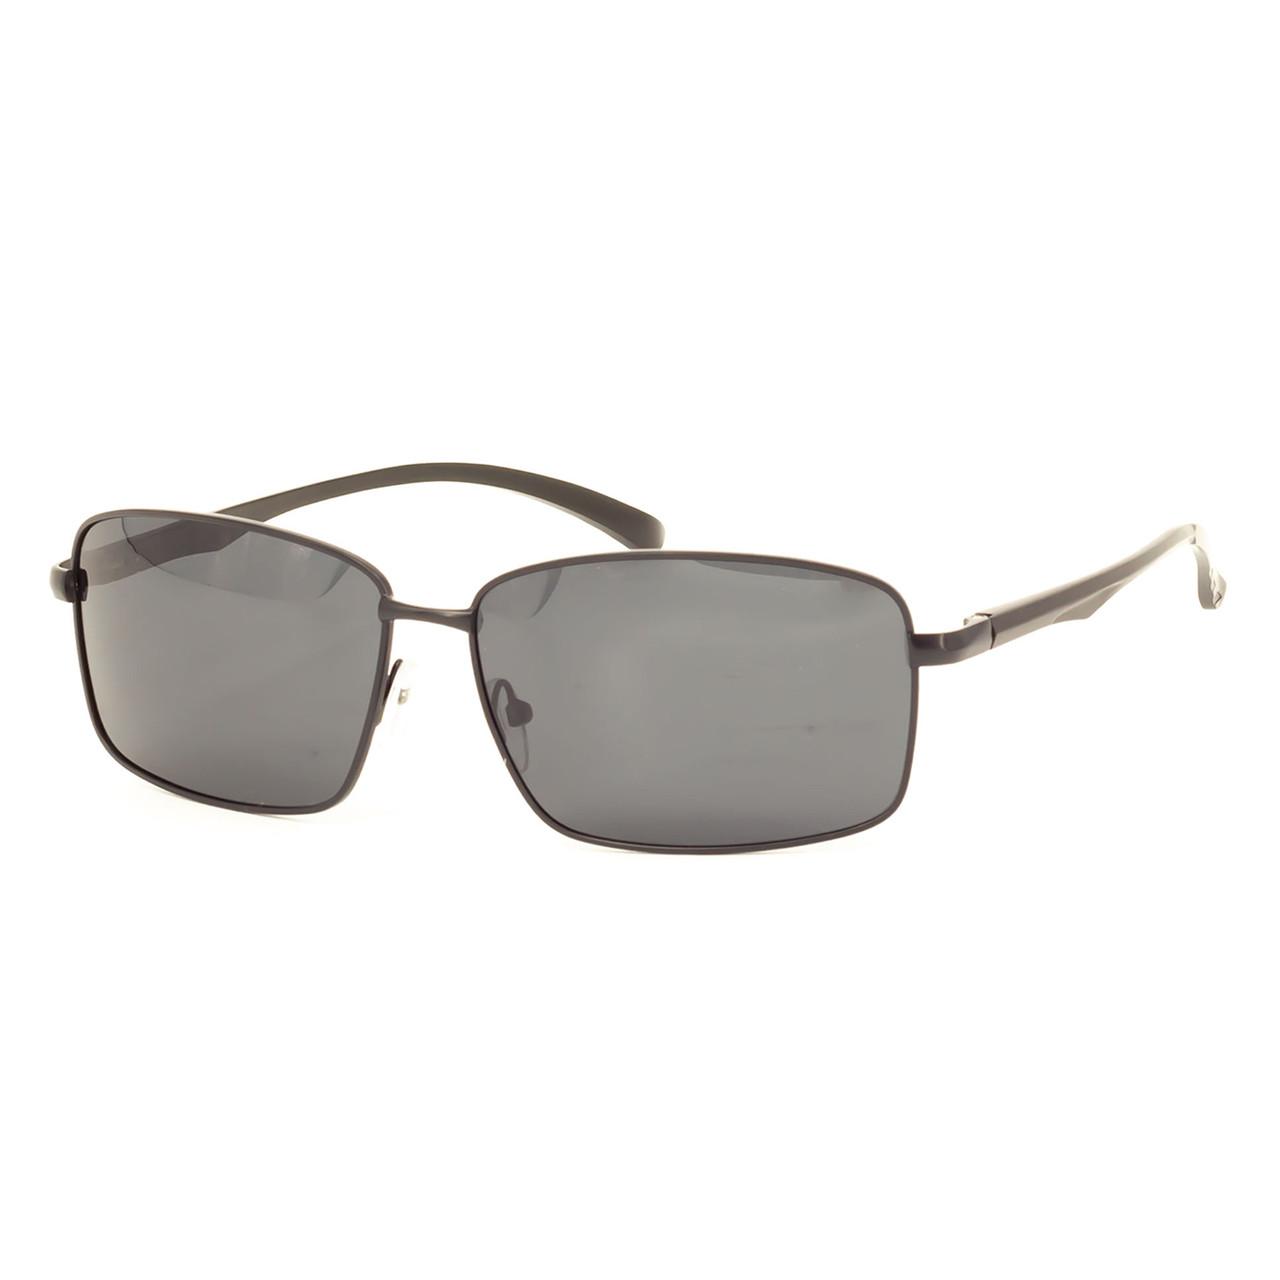 Солнцезащитные очки Marmilen Polar 1913 C1 черные    ( BA1913-01 )